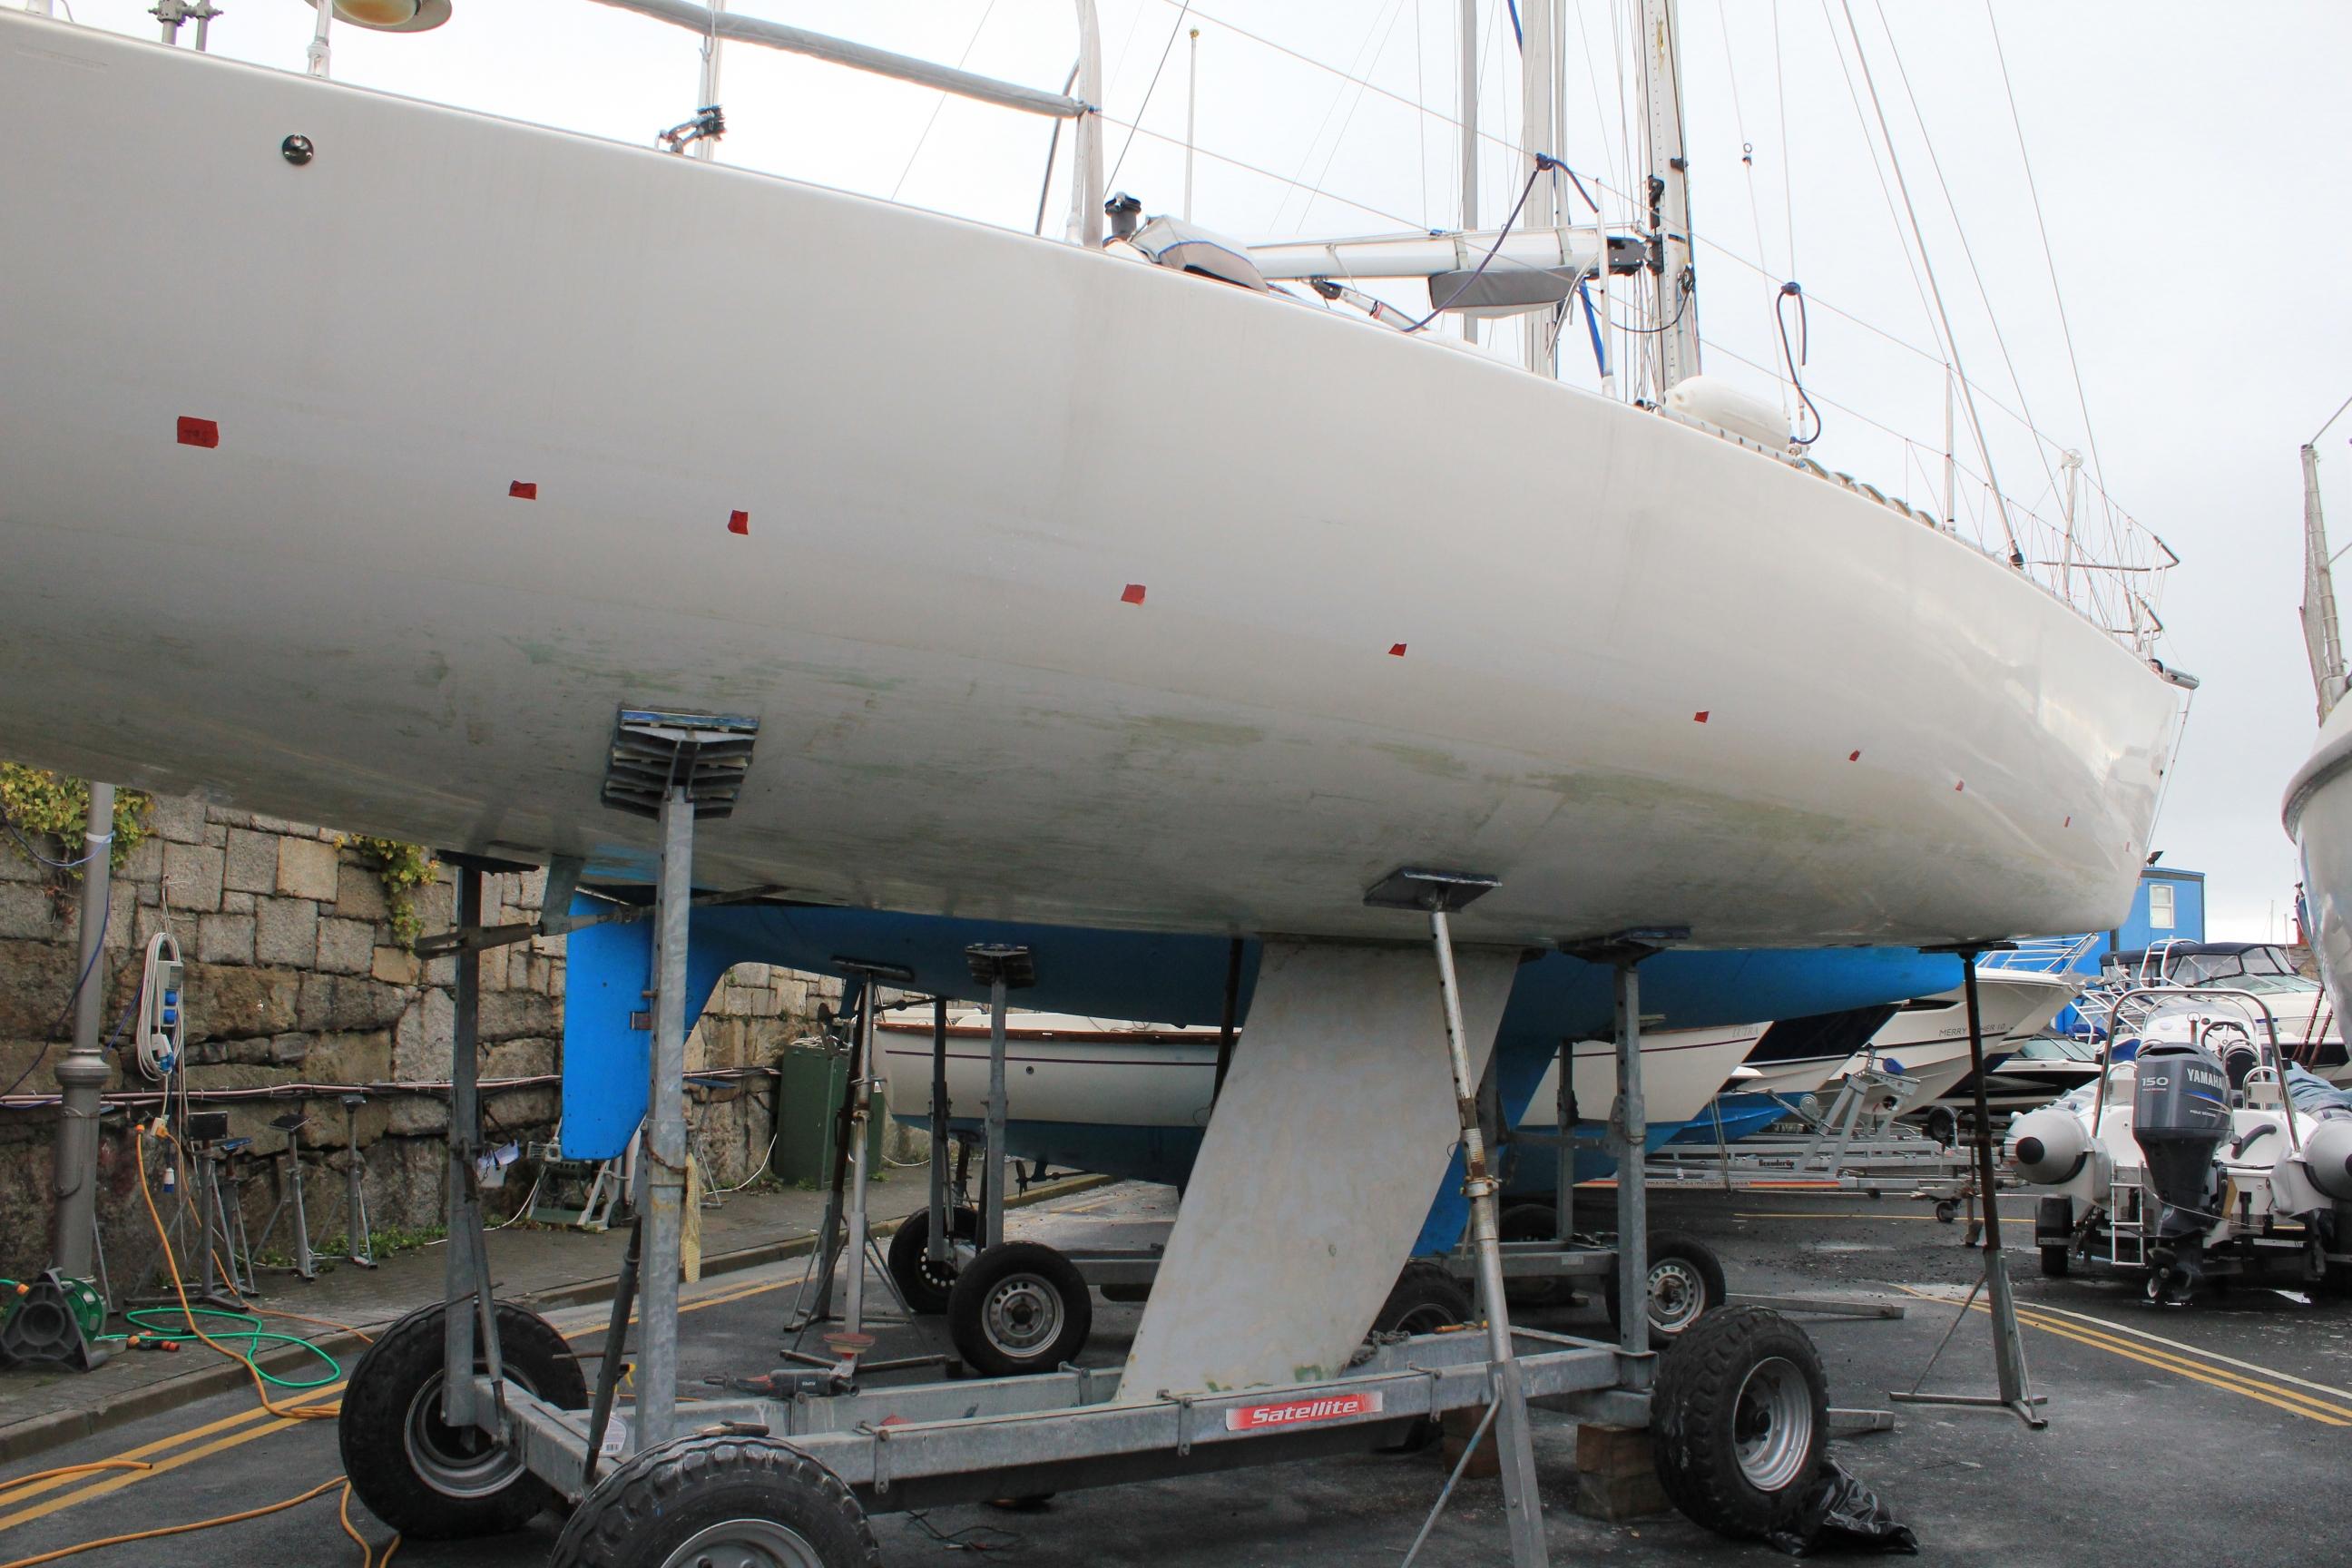 http://www.dinah.sail.ie/wp-content/uploads/2011/02/2011_02_06_2.jpg